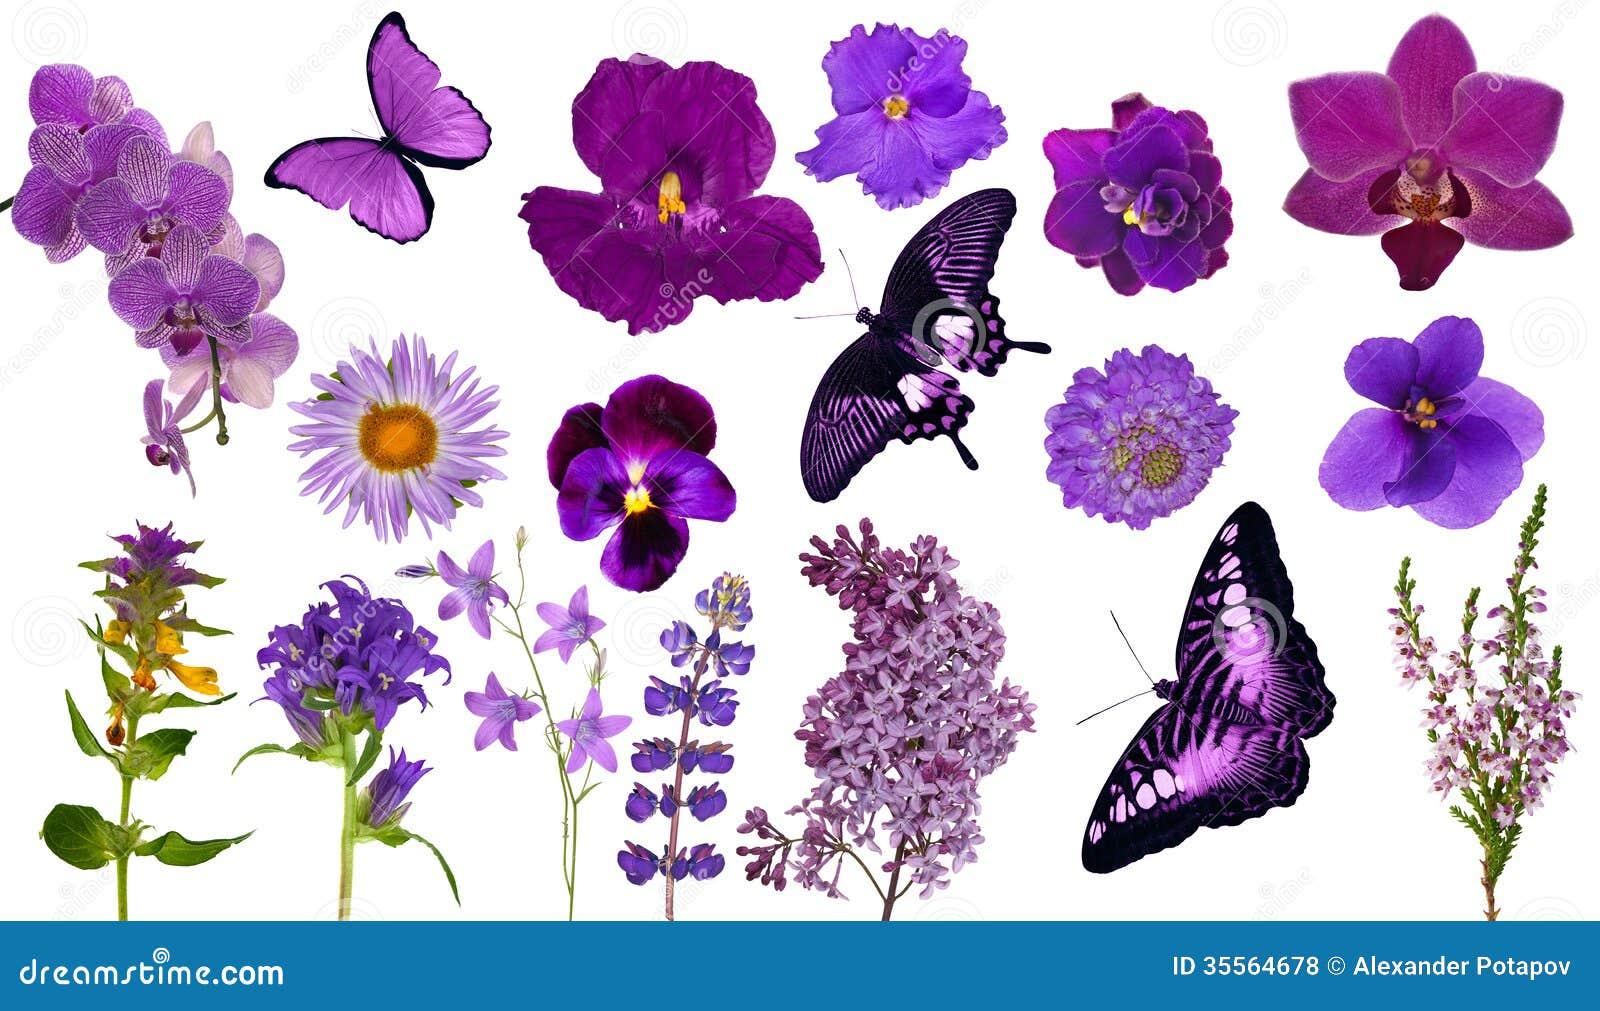 ensemble de papillons et de fleurs lilas de couleur photos libres de droits image 35564678. Black Bedroom Furniture Sets. Home Design Ideas